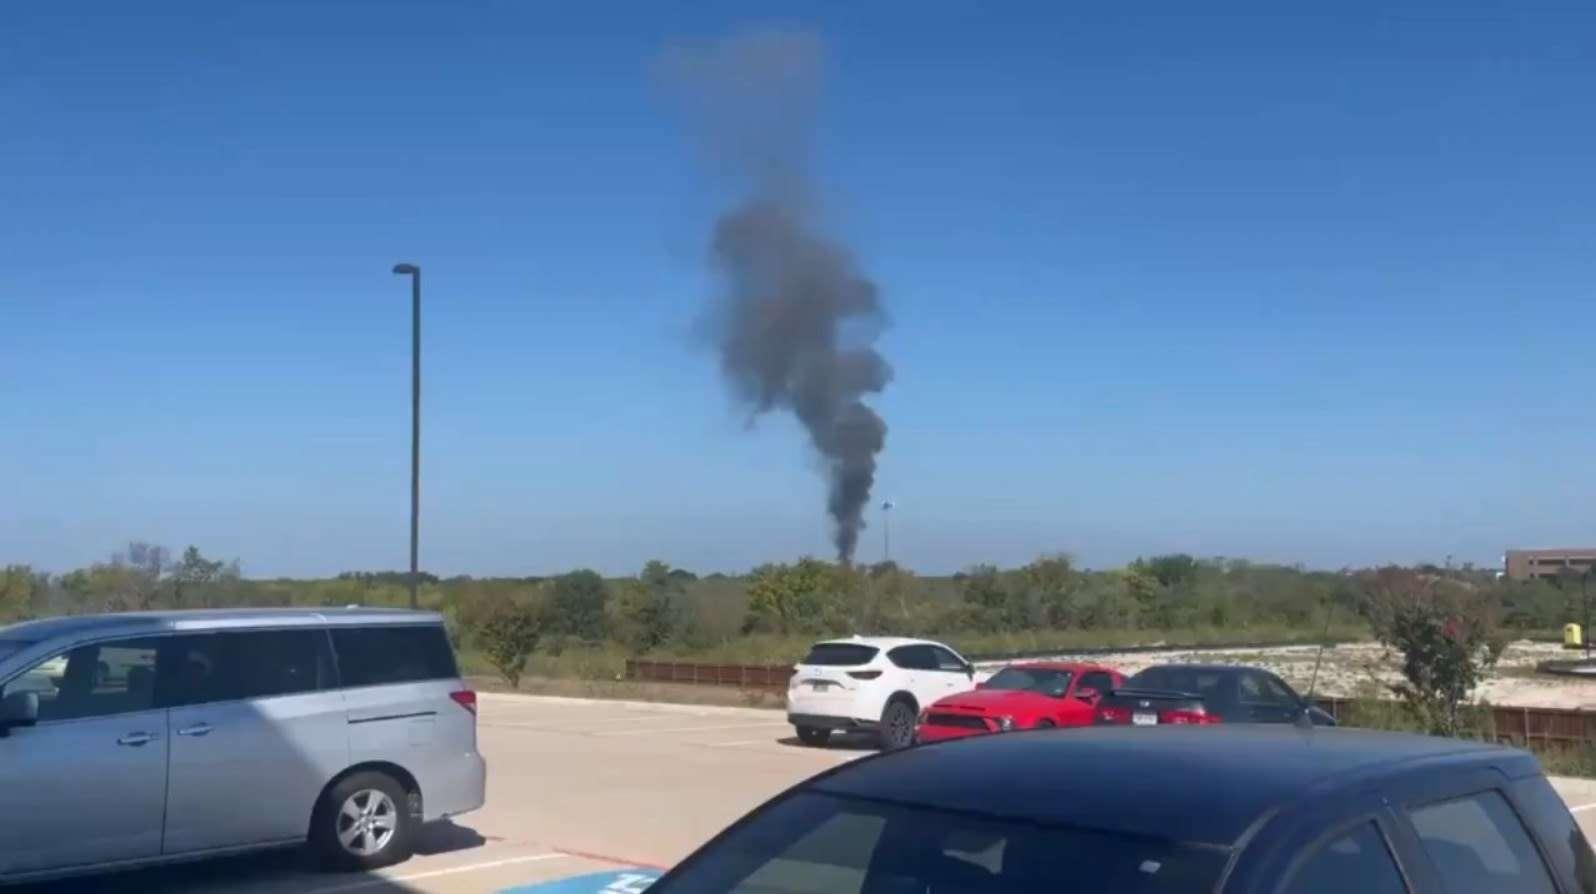 تحطم طائر عسكرية في تكساس ونجاة الطيارين, صحيفة عربية -بروفايل نيوز